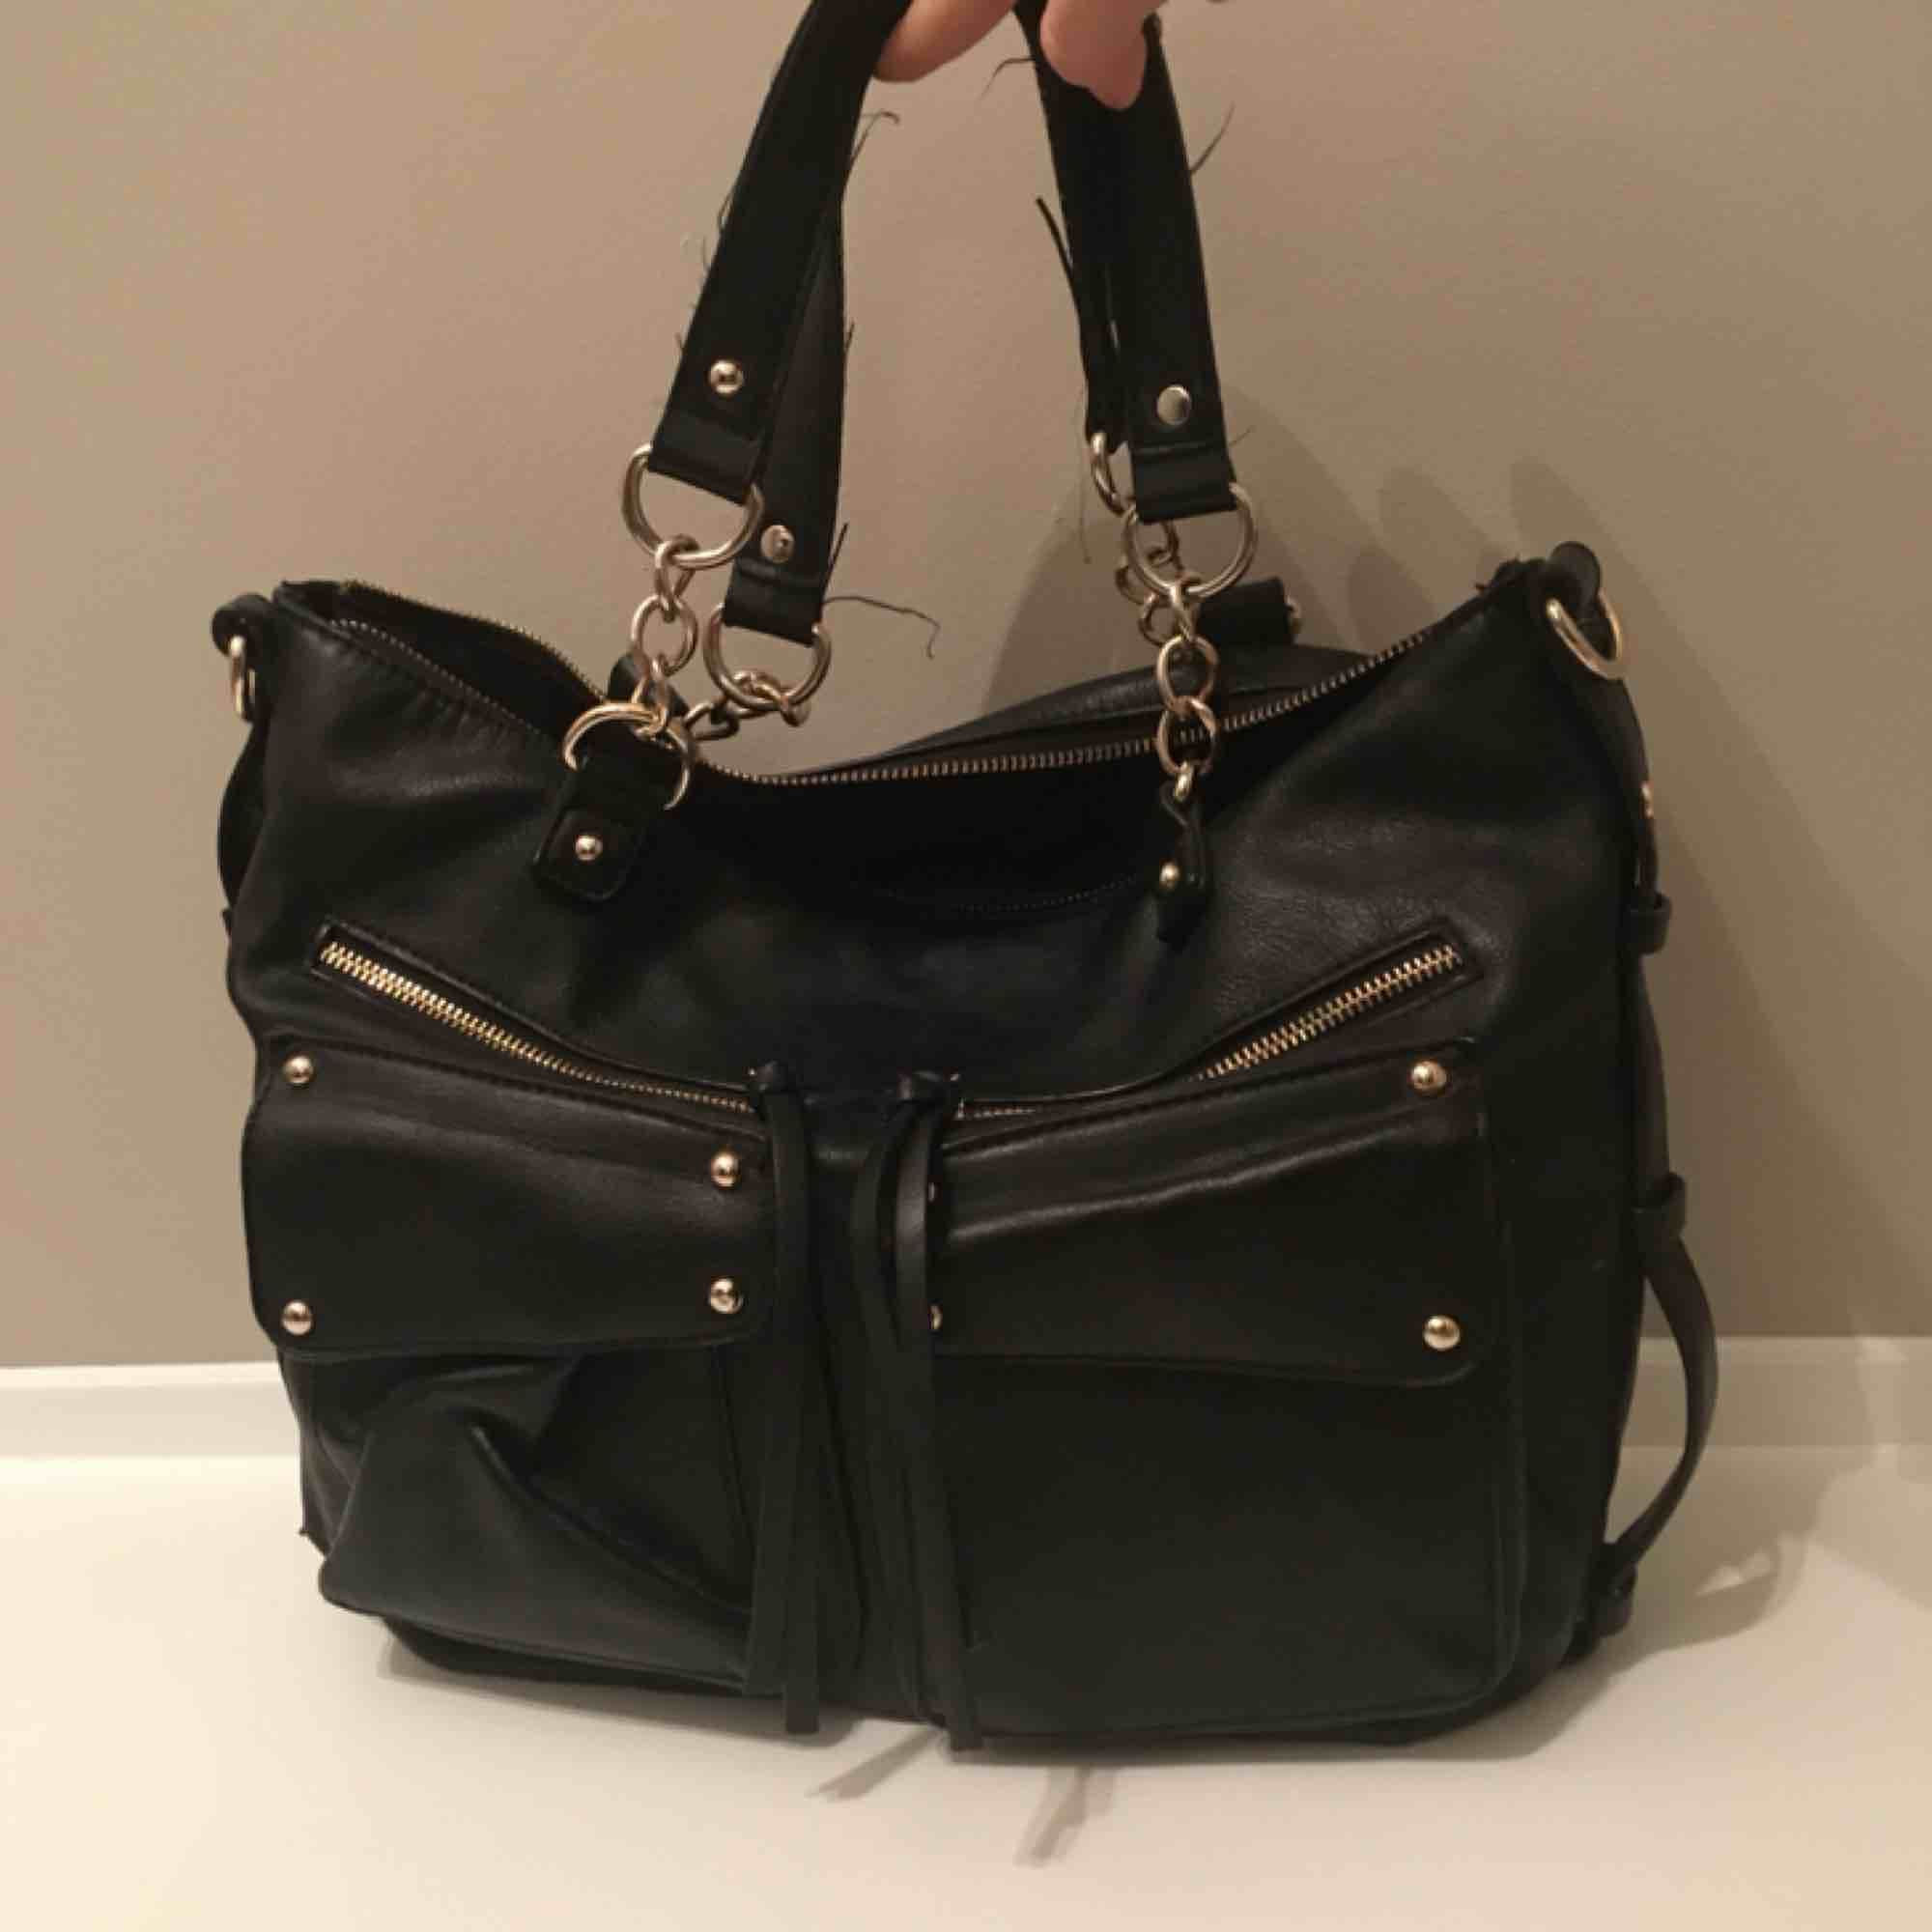 En svart väska med gulddetaljer. Den har väldigt många fack och funkar perfekt som skolväska! Vi möts gärna upp i Stockholm men om frakt betalar köparen det. Väskor.